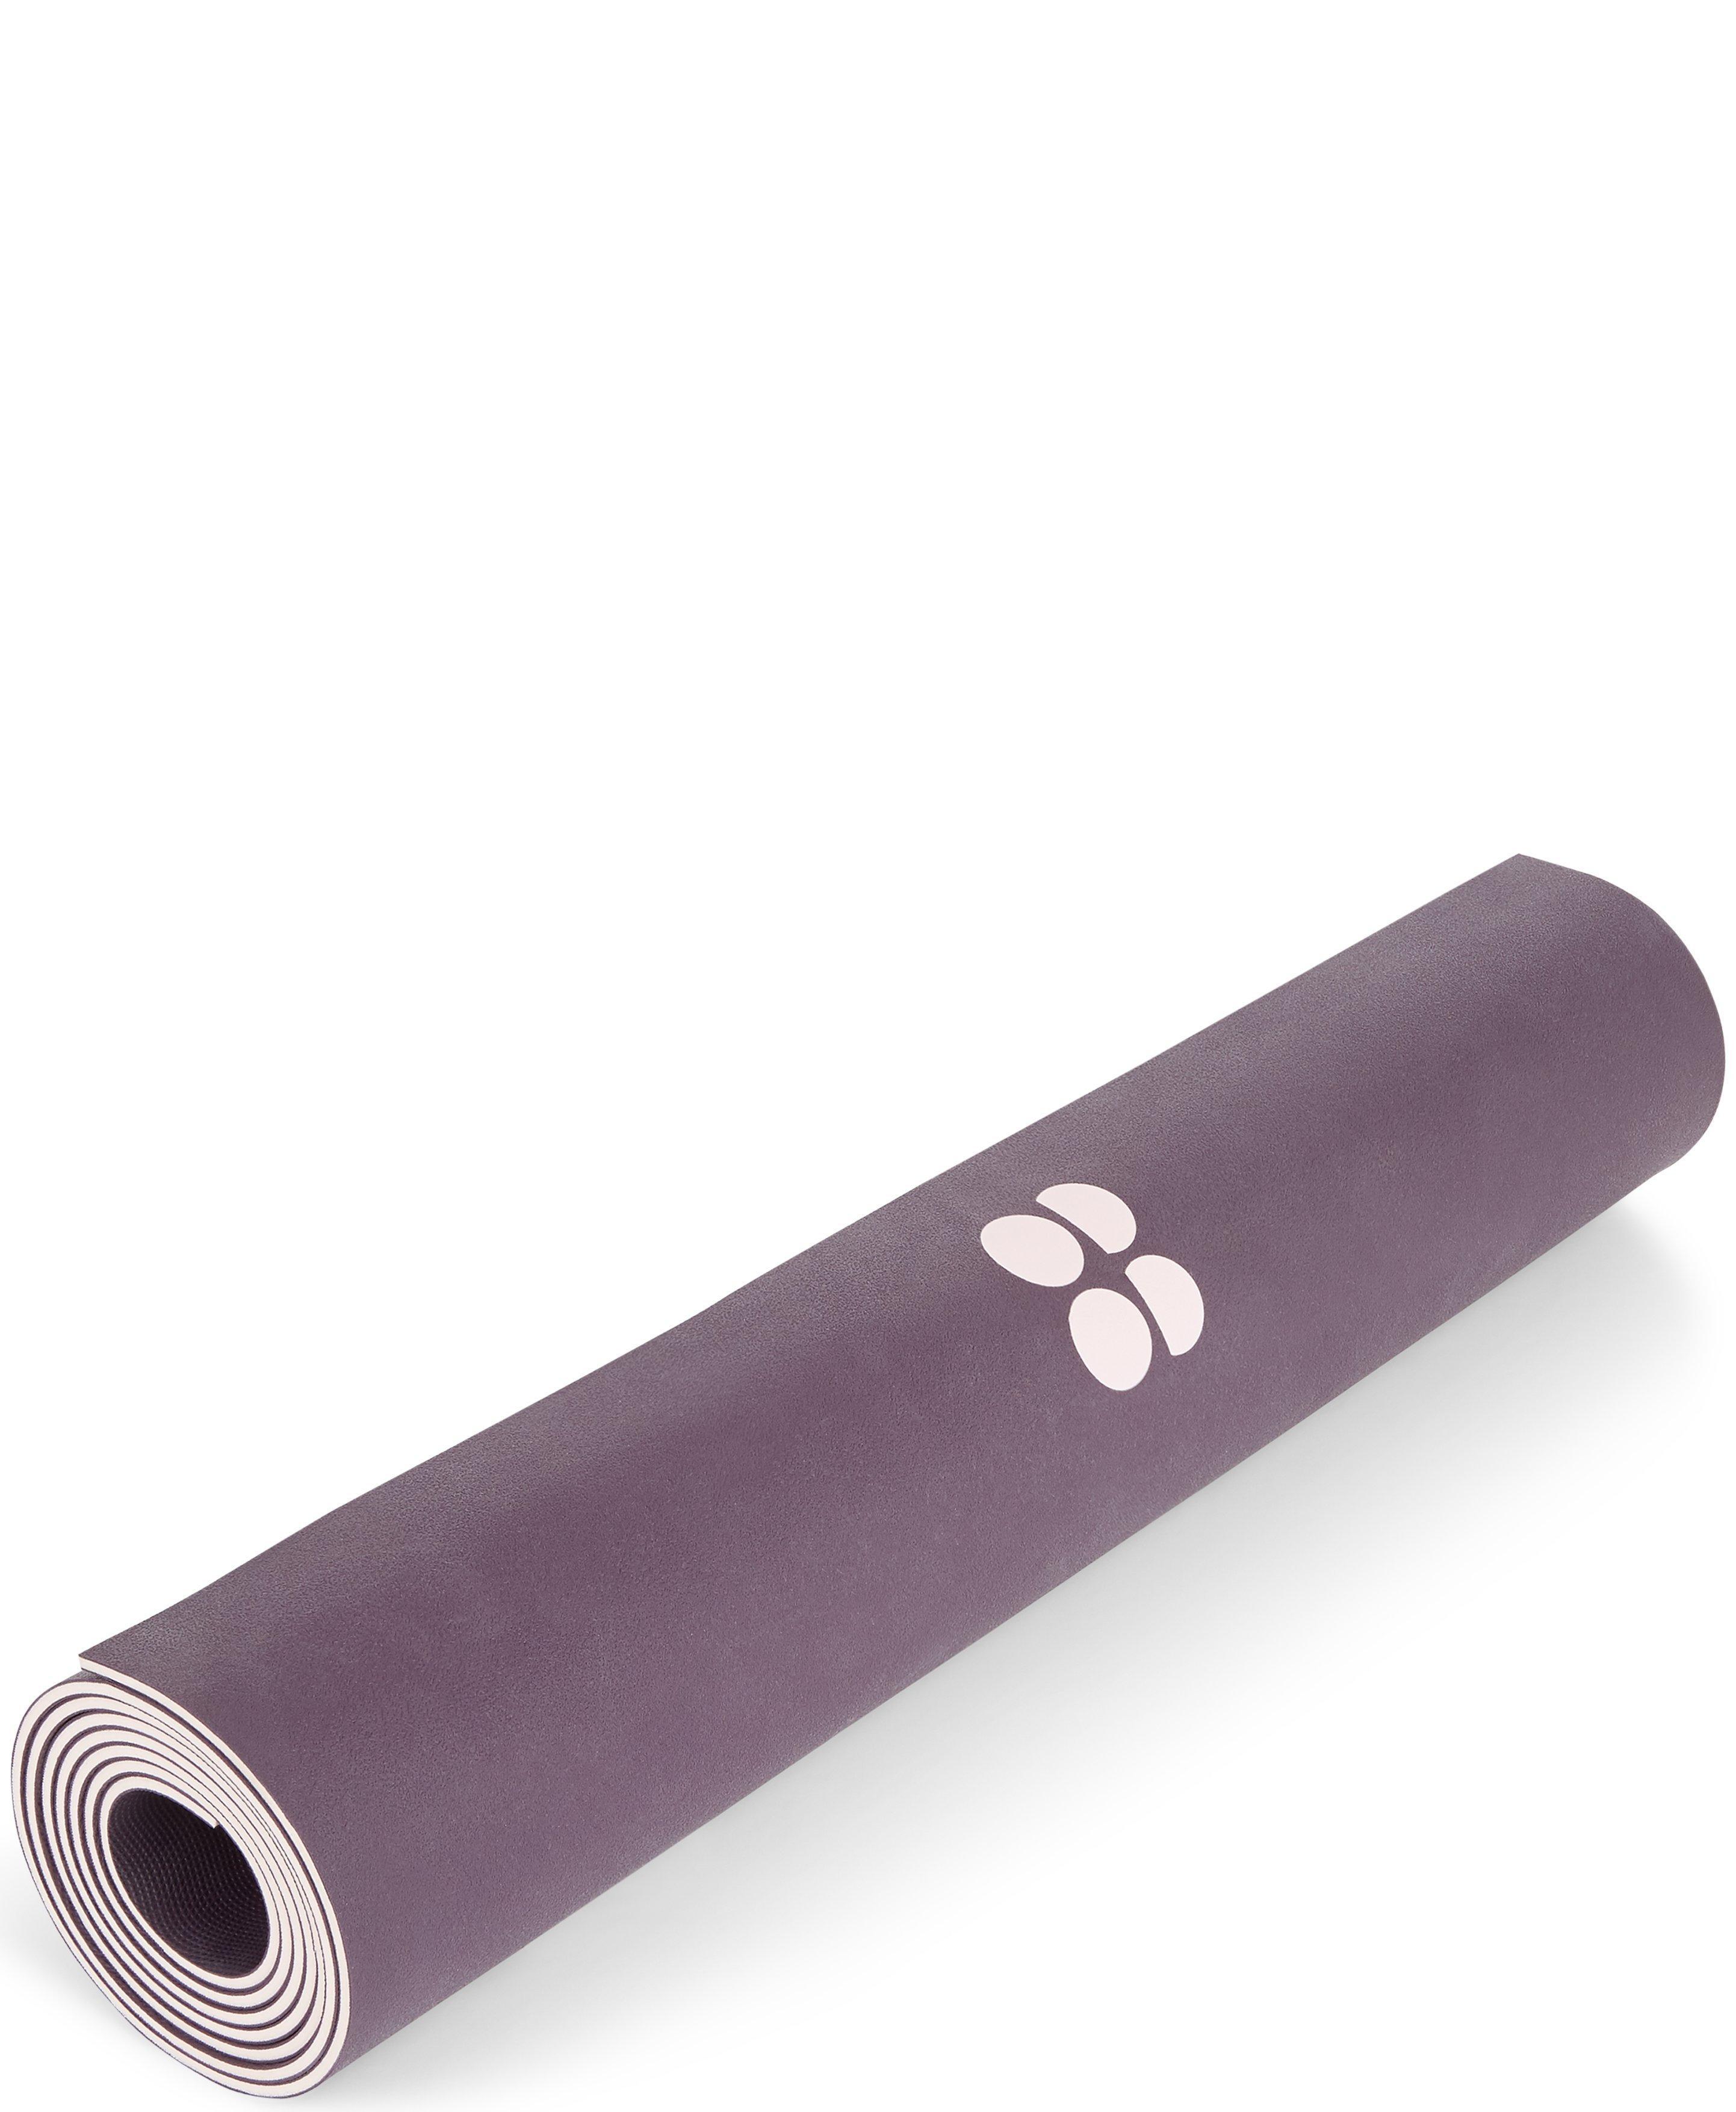 super grip yoga mat